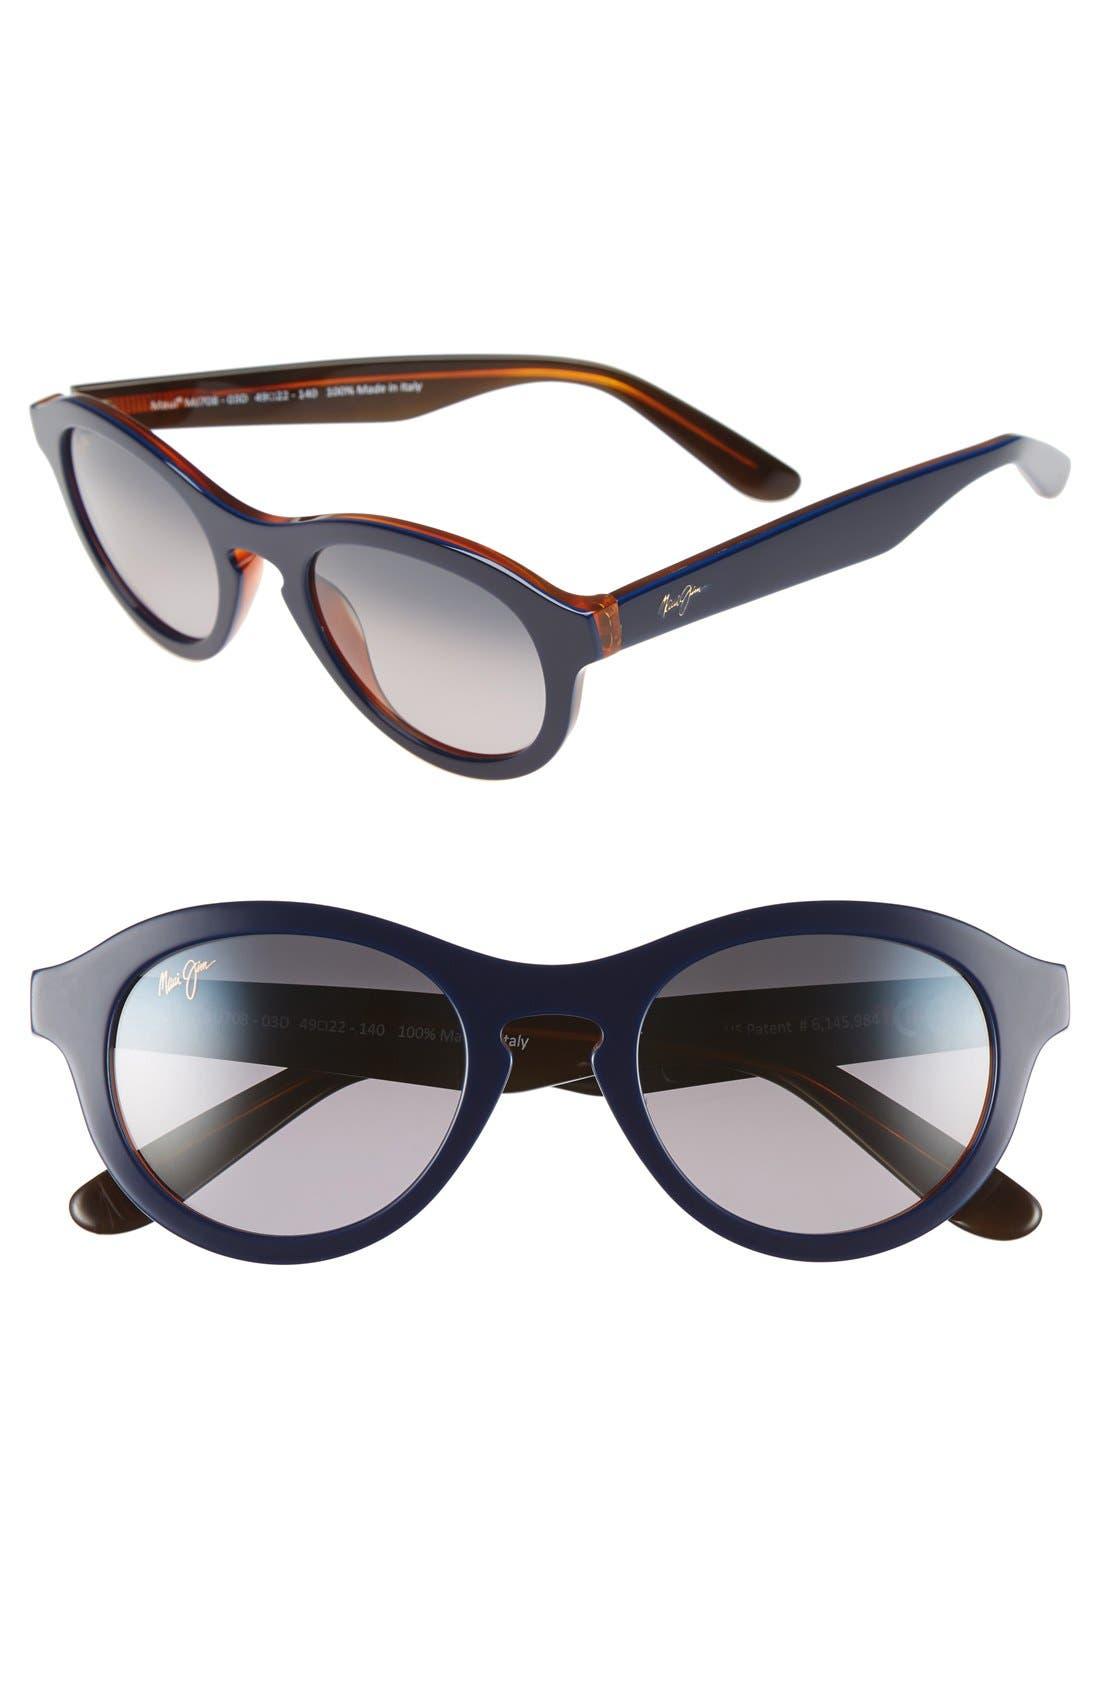 Maui Jim Leia 49mm PolarizedPlus2® Retro Sunglasses